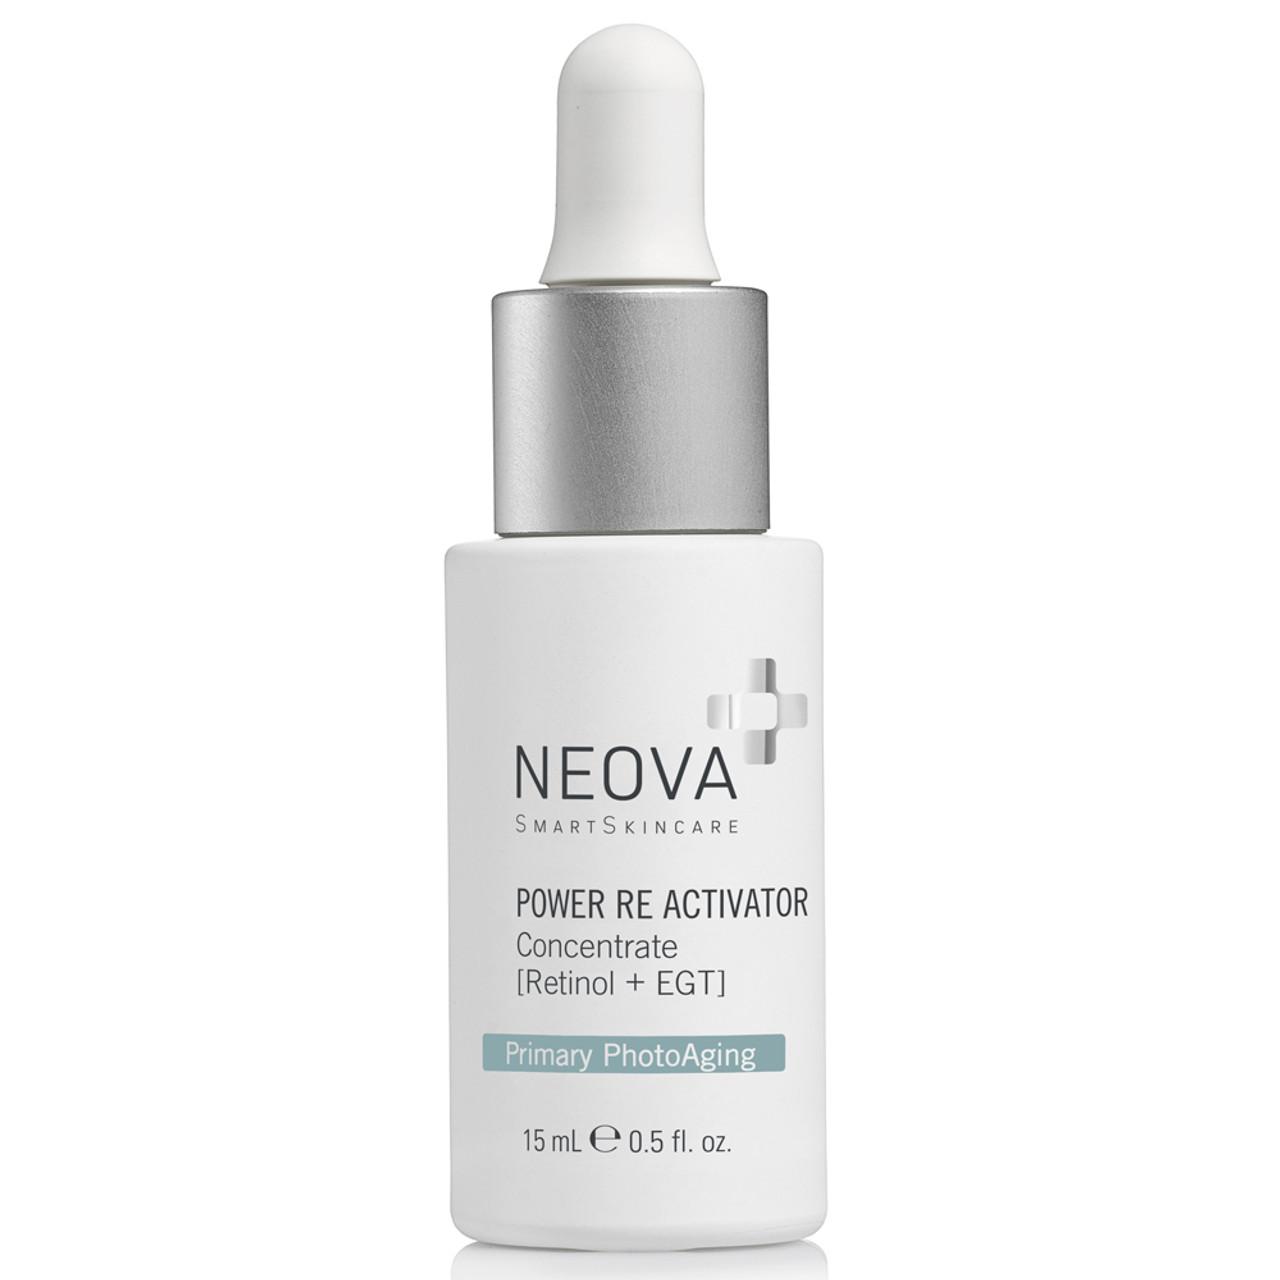 Neova Power Re-Activator Concentrate [Retinol+EGT] BeautifiedYou.com